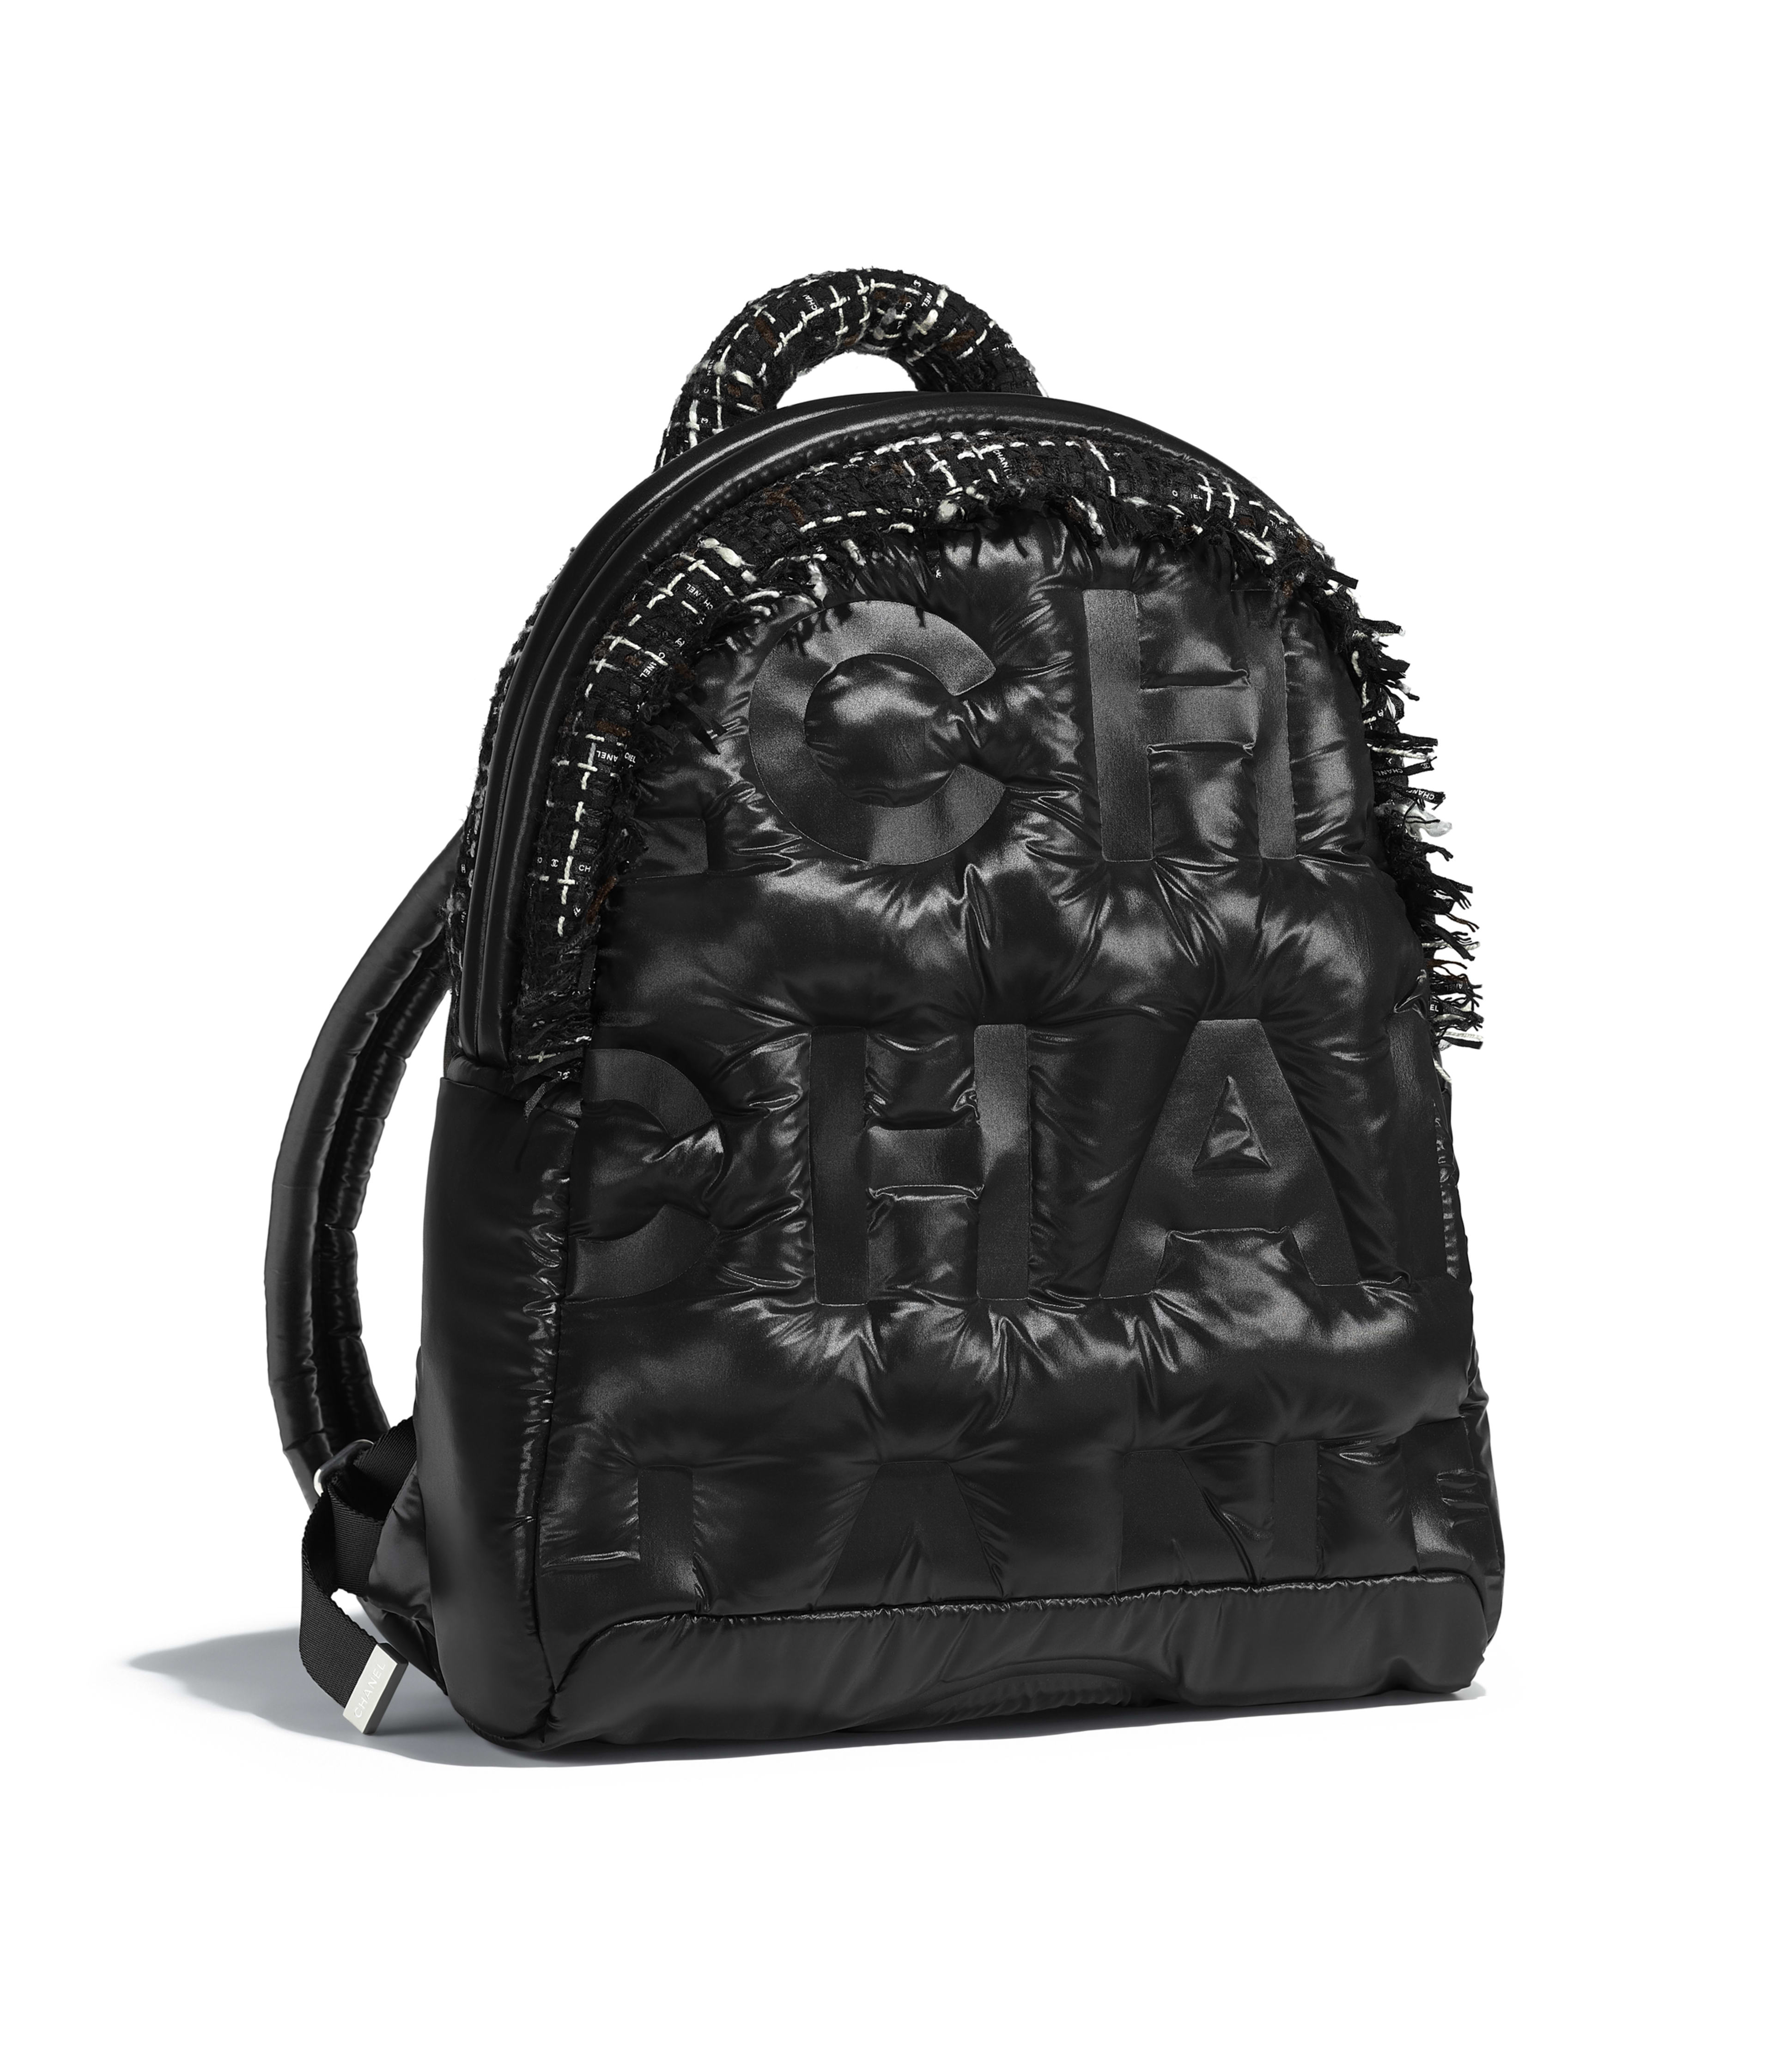 Backpack Nylon Tweed Silver Tone Metal Black Navy Brown Ecru Ref A91933y83830k0991